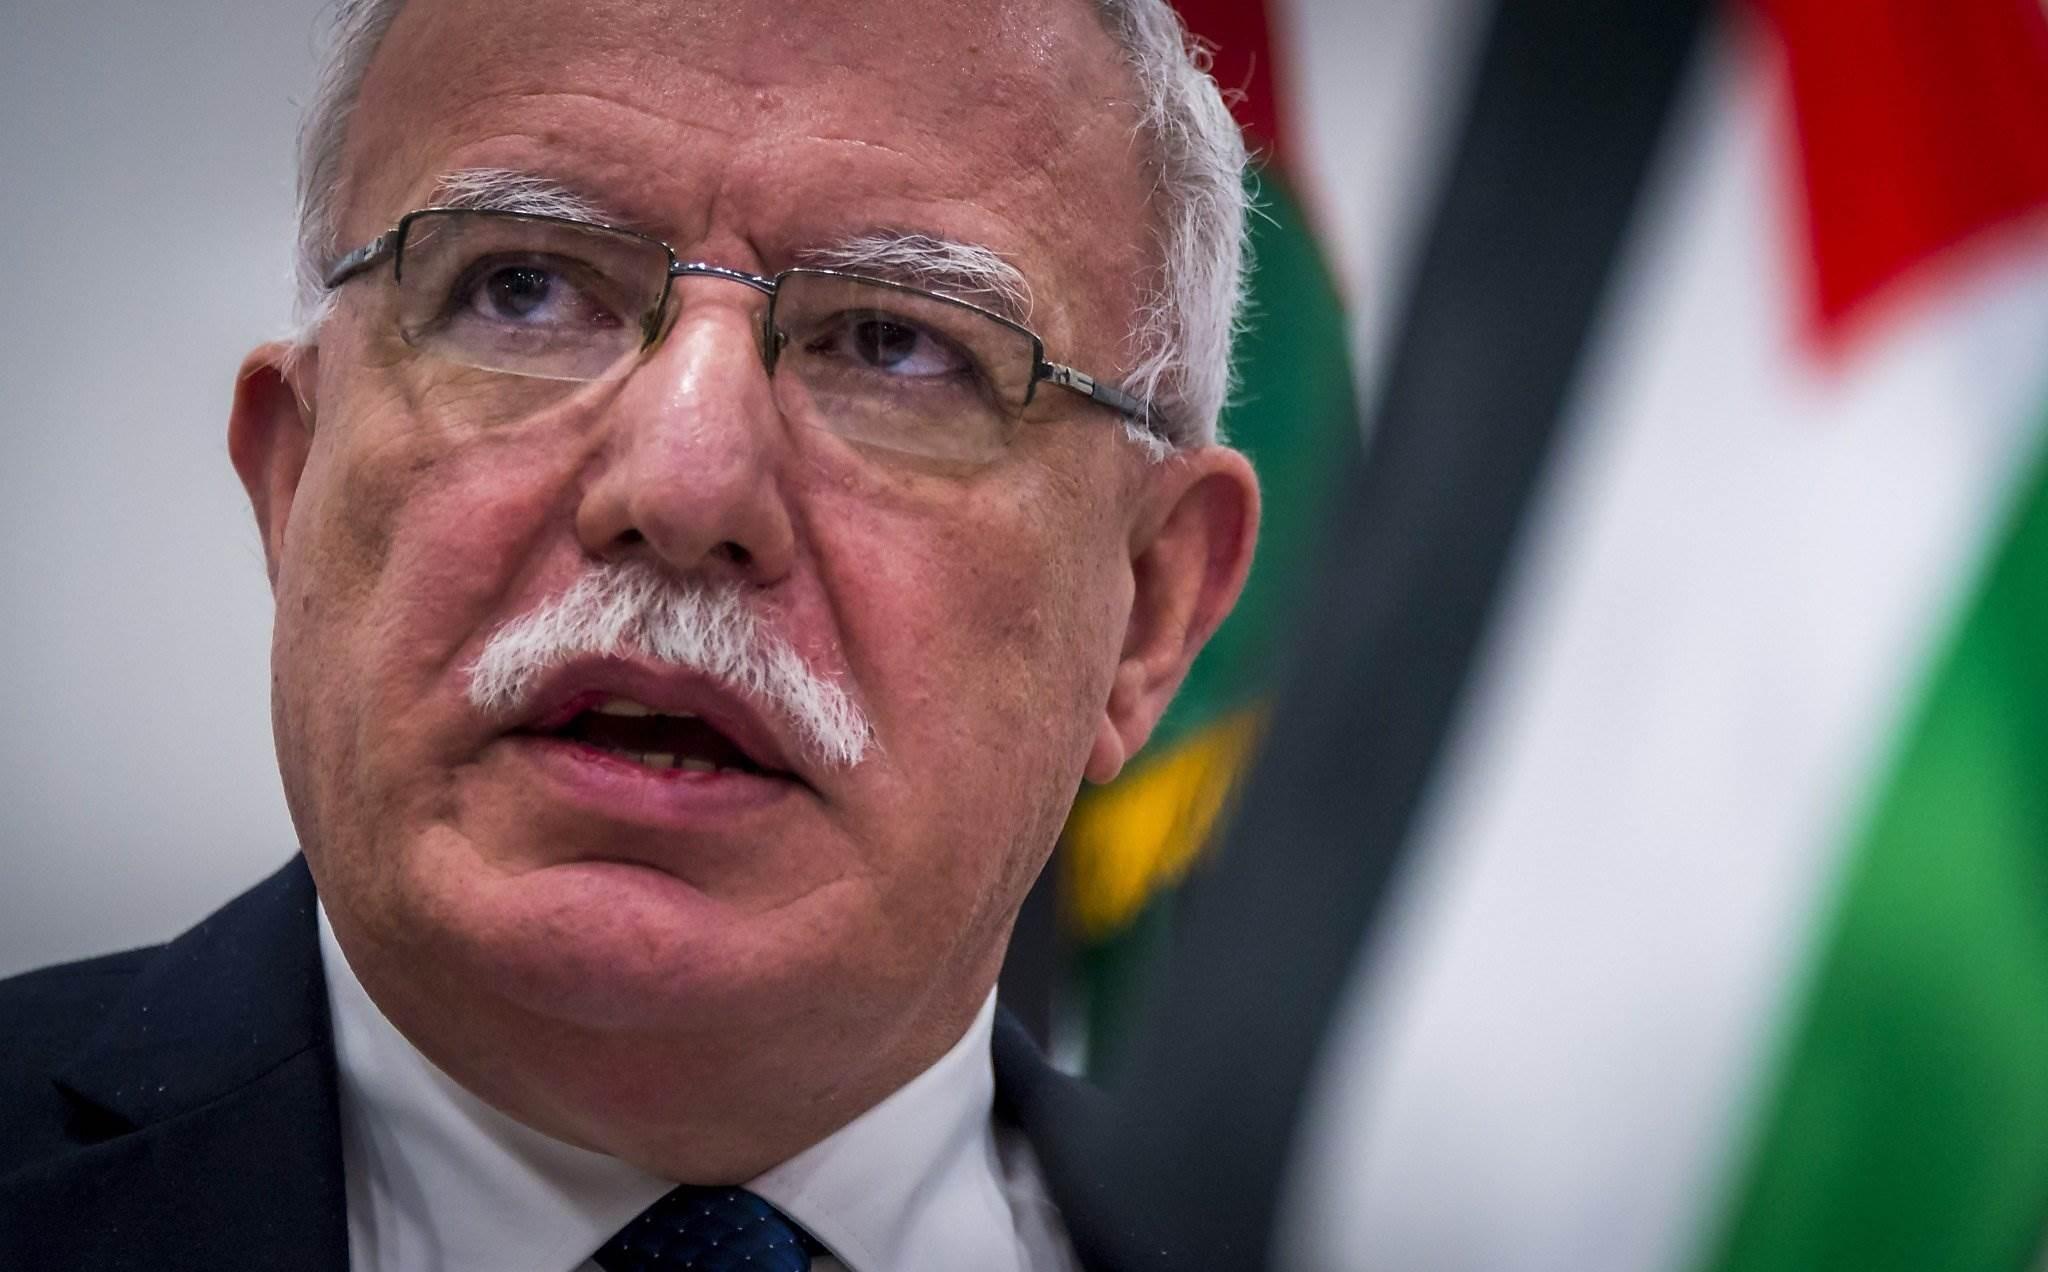 المالكي: لا يشرفنا رؤية الدول العربية تهرول للتطبيع مع الاحتلال خلال رئاستنا لمجلس الجامعة (أ.ف.ب)